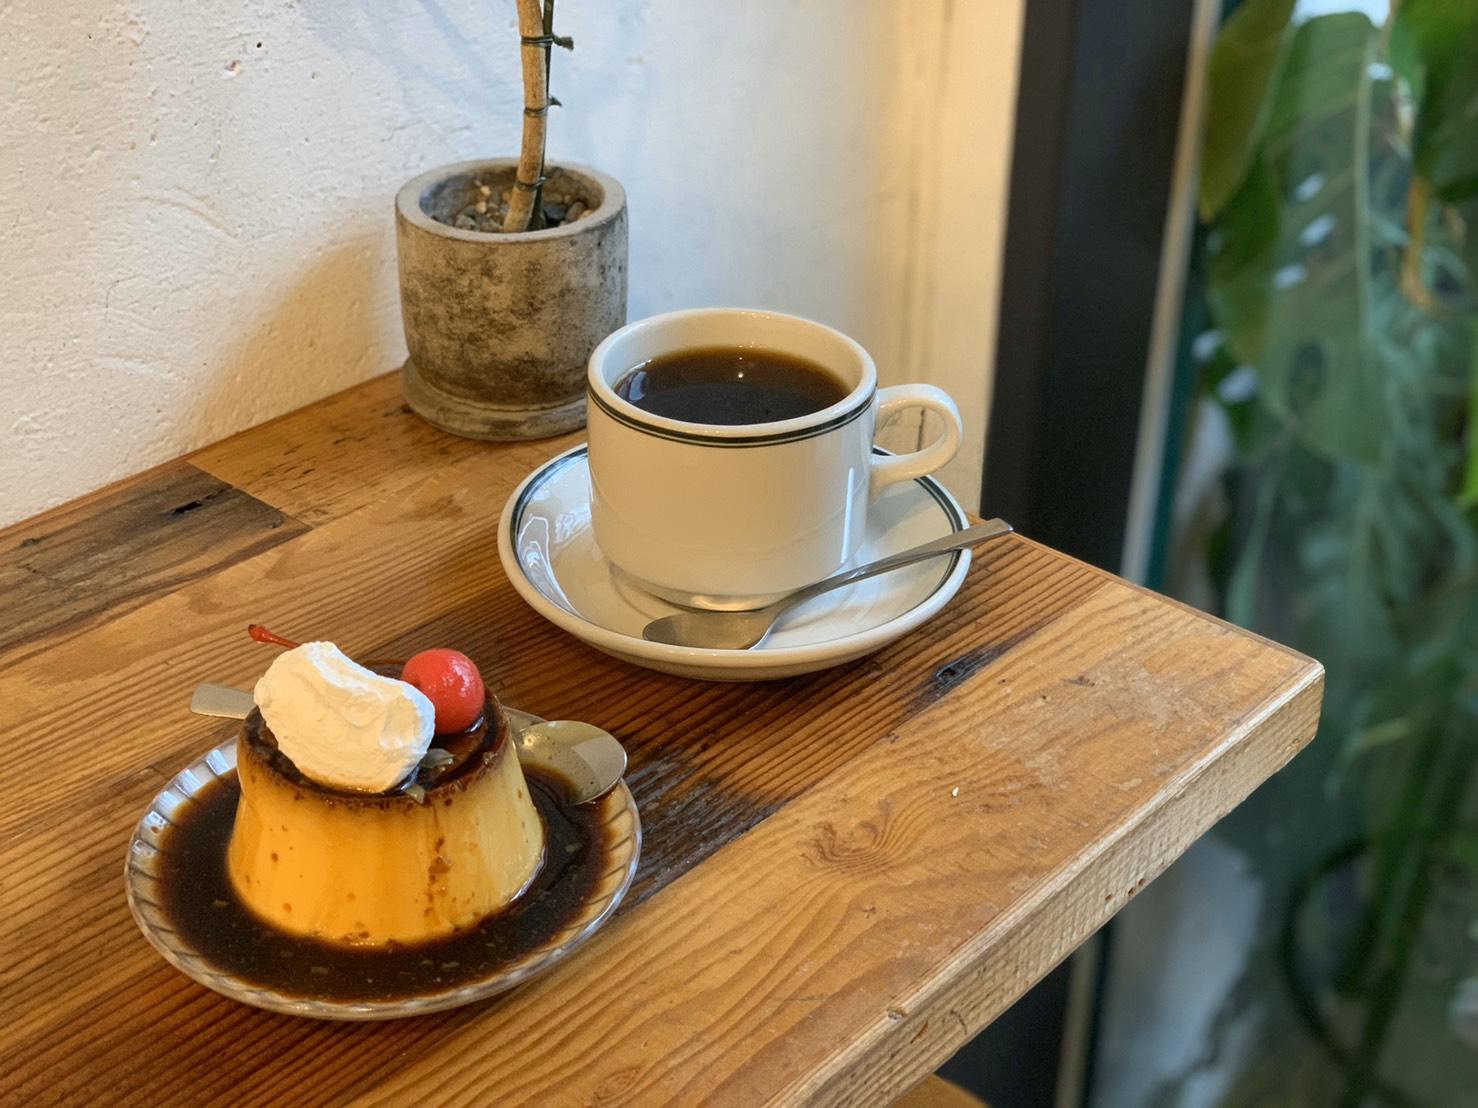 4/4 Seasons Coffee團隊致力於甜點研發,從布丁本體、焦糖到上面的裝飾,做足研究